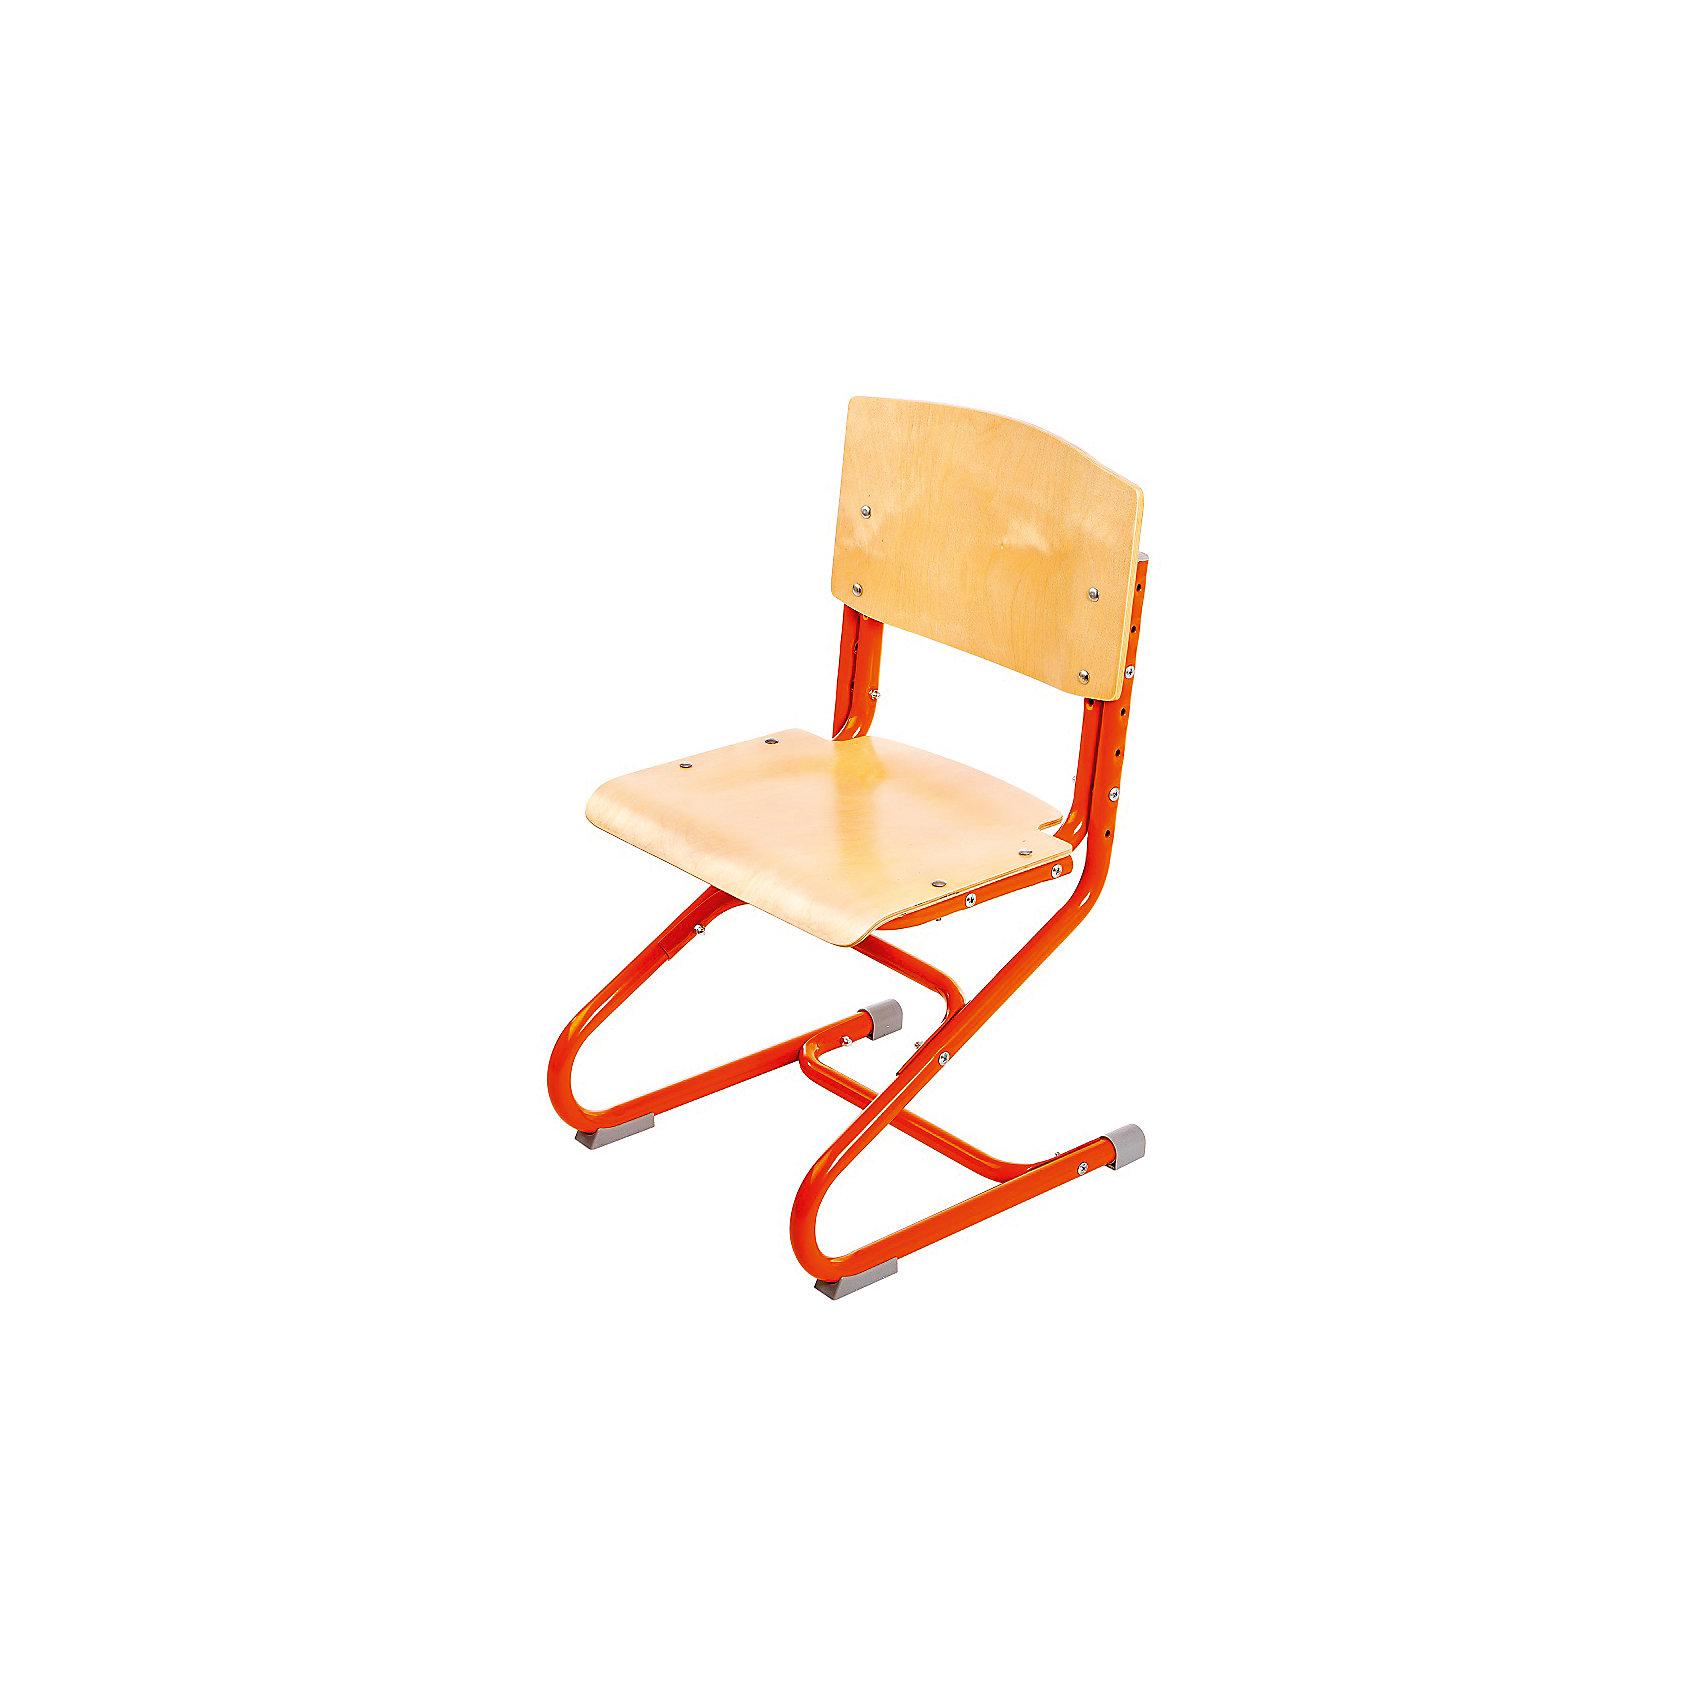 Стул универсальный СУТ.01-01, Дэми, оранжевыйМебель<br>Стул универсальный СУТ.01-01, Дэми, оранжевый – эргономичный стул для детей от 3 лет.<br>Высота ножек, положение сидения, наклон спинки регулируются, поэтому стул будет «расти» вместе с ребенком. Модель выполнена из прочного металла и фанеры, поэтому служить такой стул будет долгие годы. Регулируемая спинка также дополнительно помогает ребенку в поддержании красивой и здоровой осанки. Стул не теряет внешний вид спустя время и не требует особо ухода. <br><br>Дополнительная информация: <br><br>Высота сидения стула - 34,5-44,5 см<br>Глубина сидения стула - 31-34,5 см<br>Ширина сидения стула - 40 см <br>Вес: 7 кг<br>Материал: фанера, металл<br>Цвет: оранжевый<br><br>Стул универсальный СУТ.01-01, Дэми, оранжевый можно купить в нашем интернет магазине.<br><br>Ширина мм: 730<br>Глубина мм: 610<br>Высота мм: 80<br>Вес г: 8000<br>Возраст от месяцев: 48<br>Возраст до месяцев: 1188<br>Пол: Унисекс<br>Возраст: Детский<br>SKU: 4919211